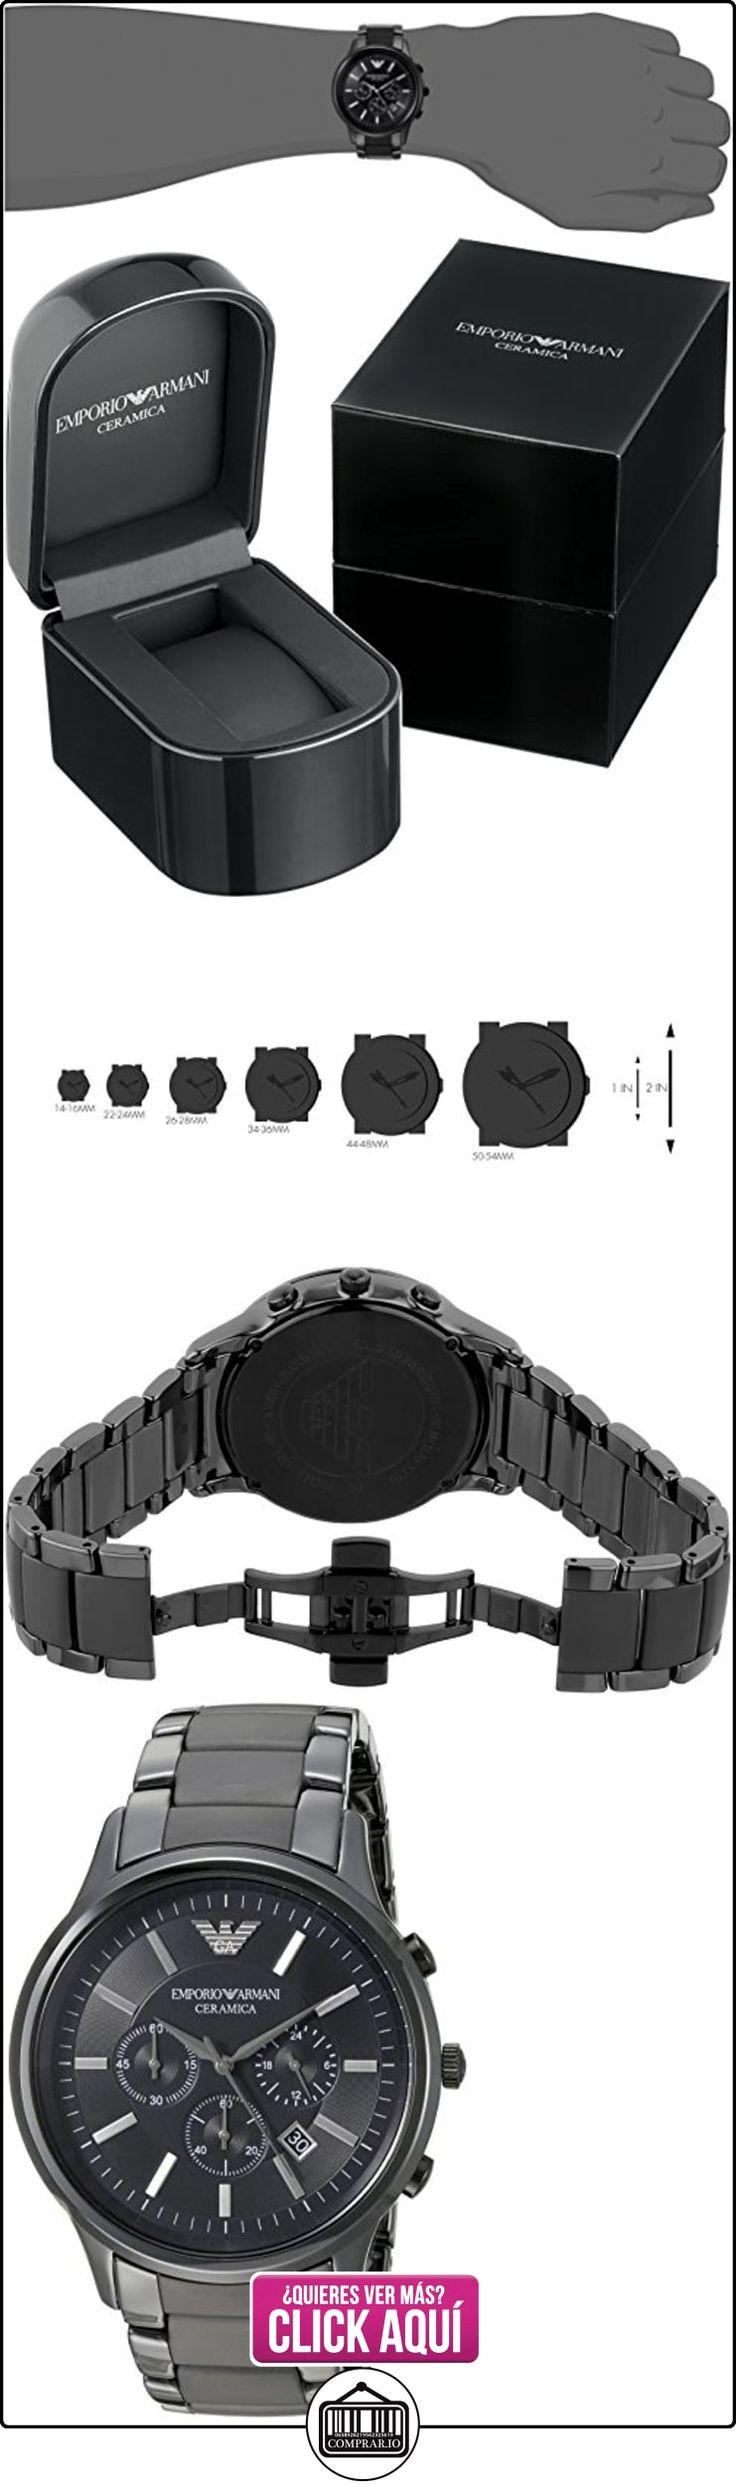 Emporio Armani AR1451 Reloj Hombre- Armani Ceramico  ✿ Relojes para hombre - (Gama media/alta) ✿ ▬► Ver oferta: http://comprar.io/goto/B0075574LG